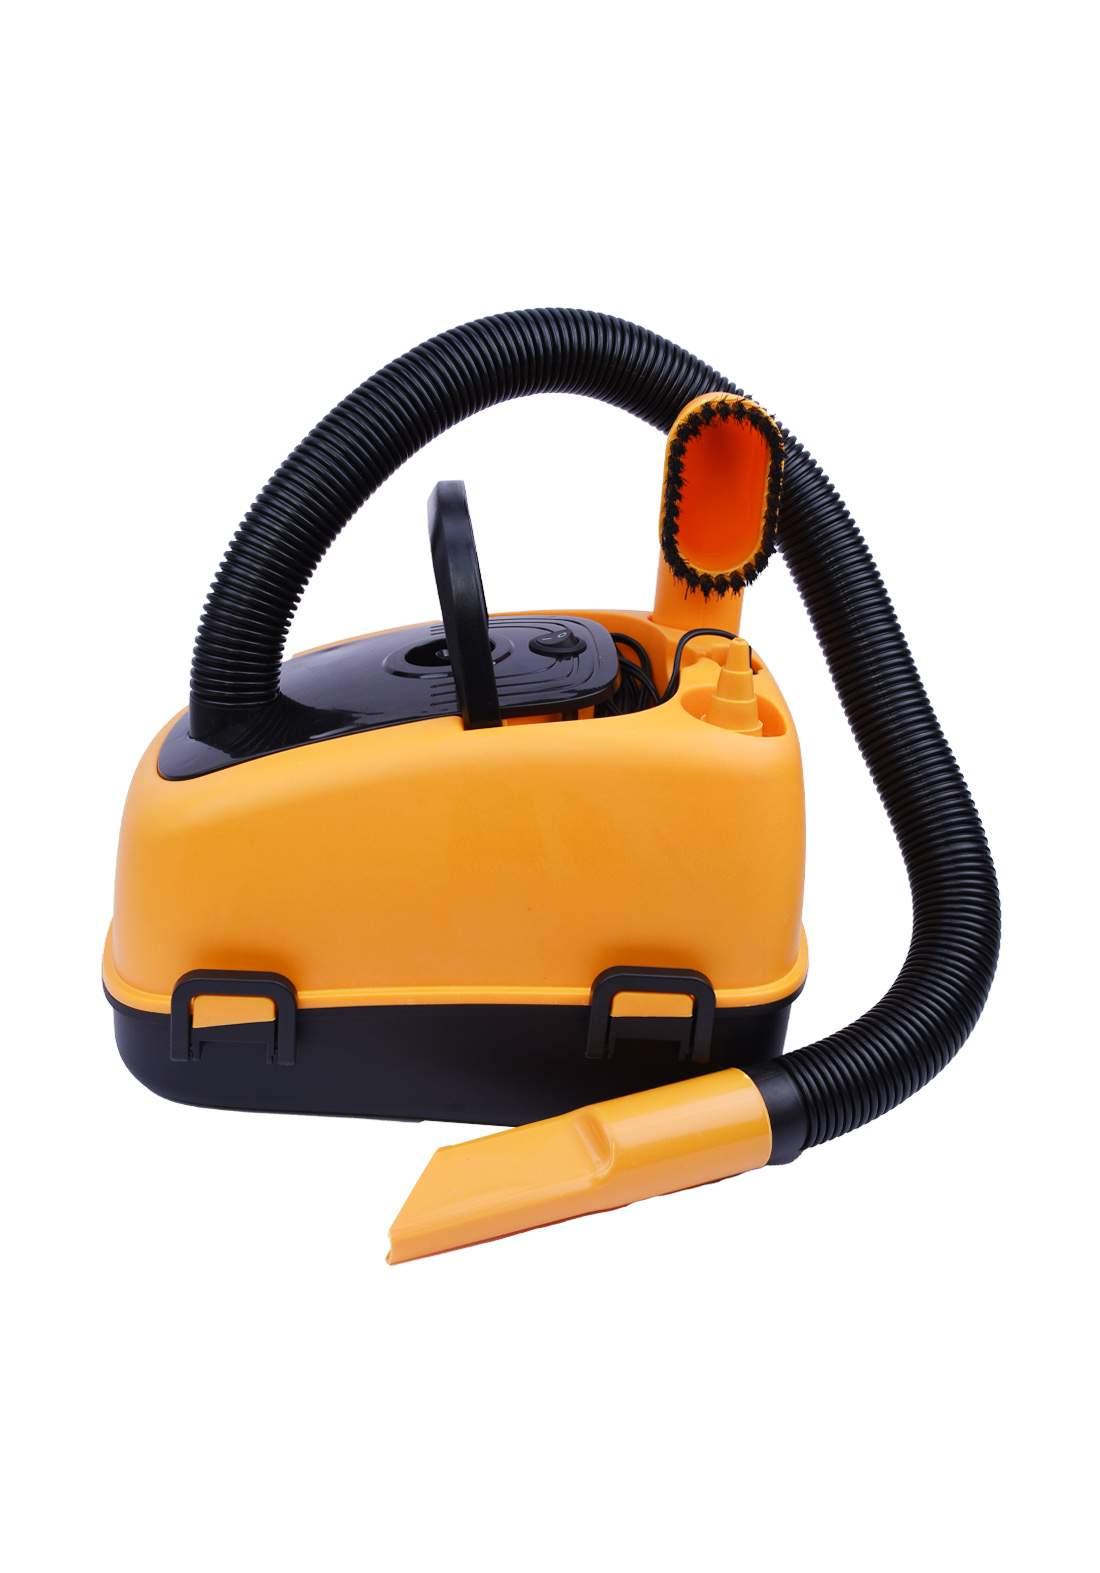 Car Vacuum 160 W مكنسة كهربائية للسيارة